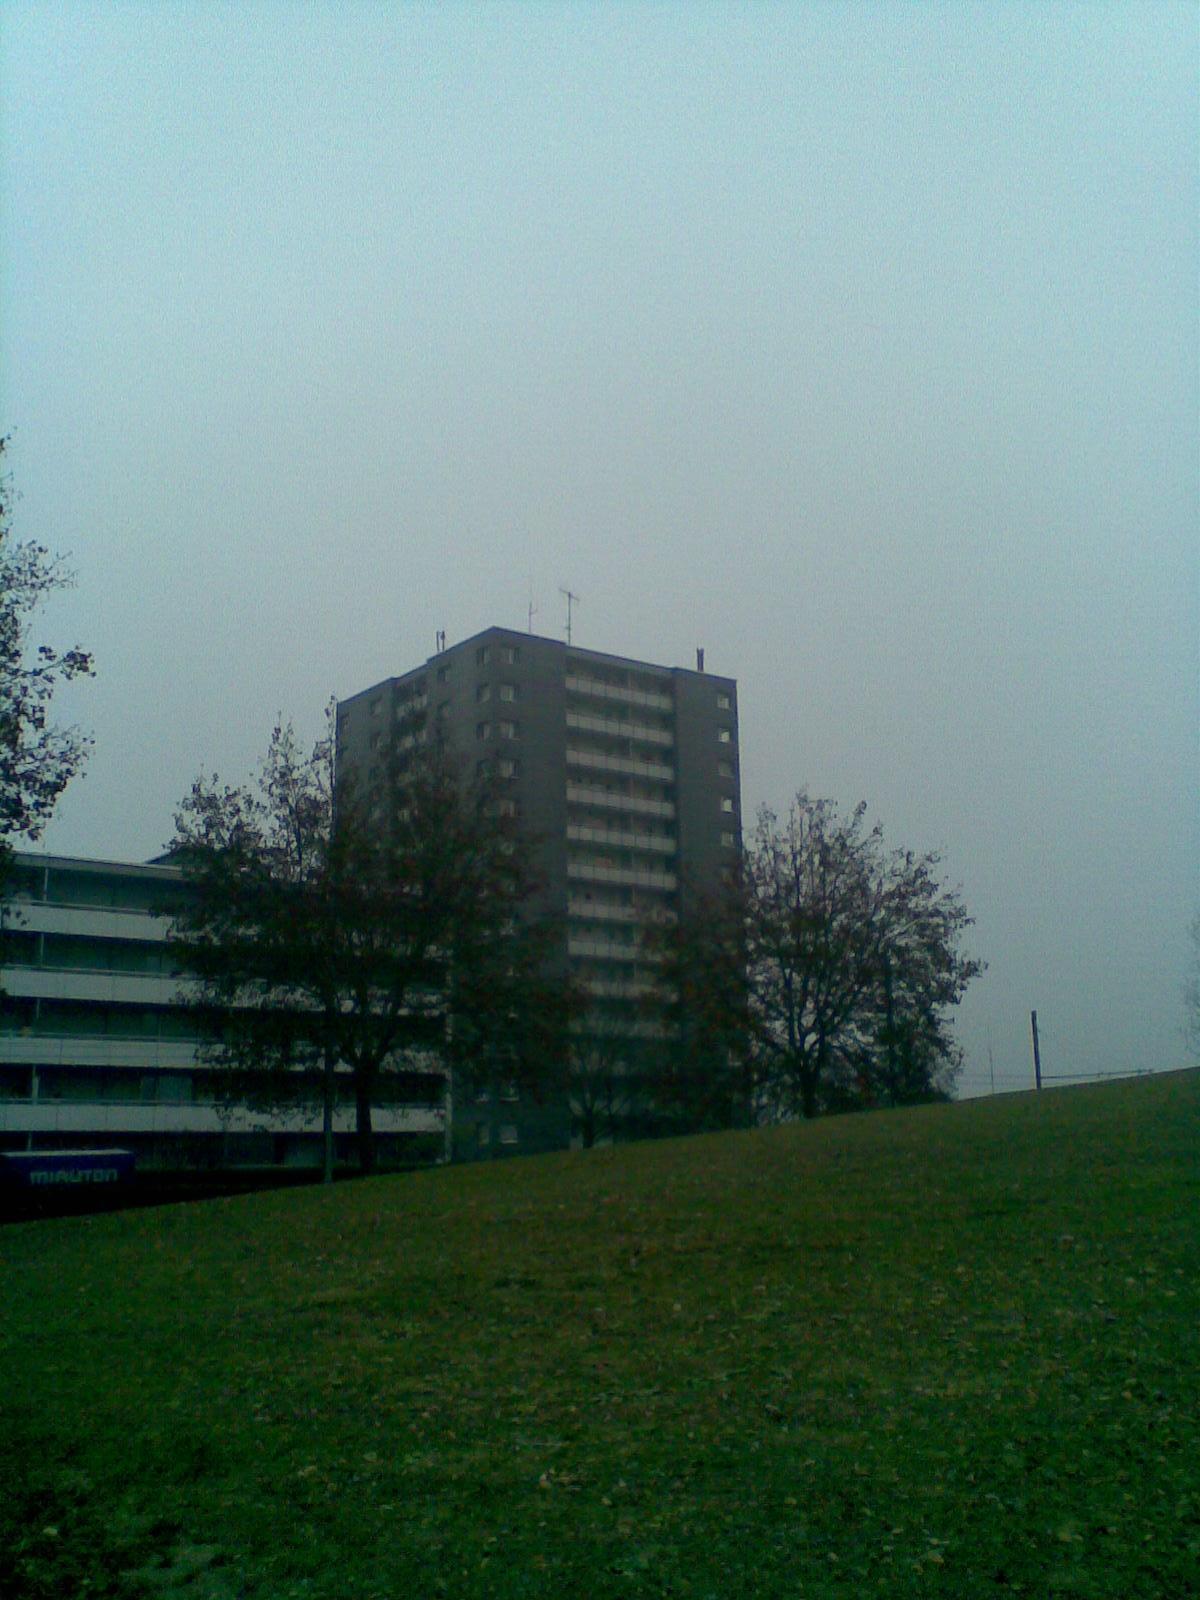 Thu Dec  1 08:18:42 2011